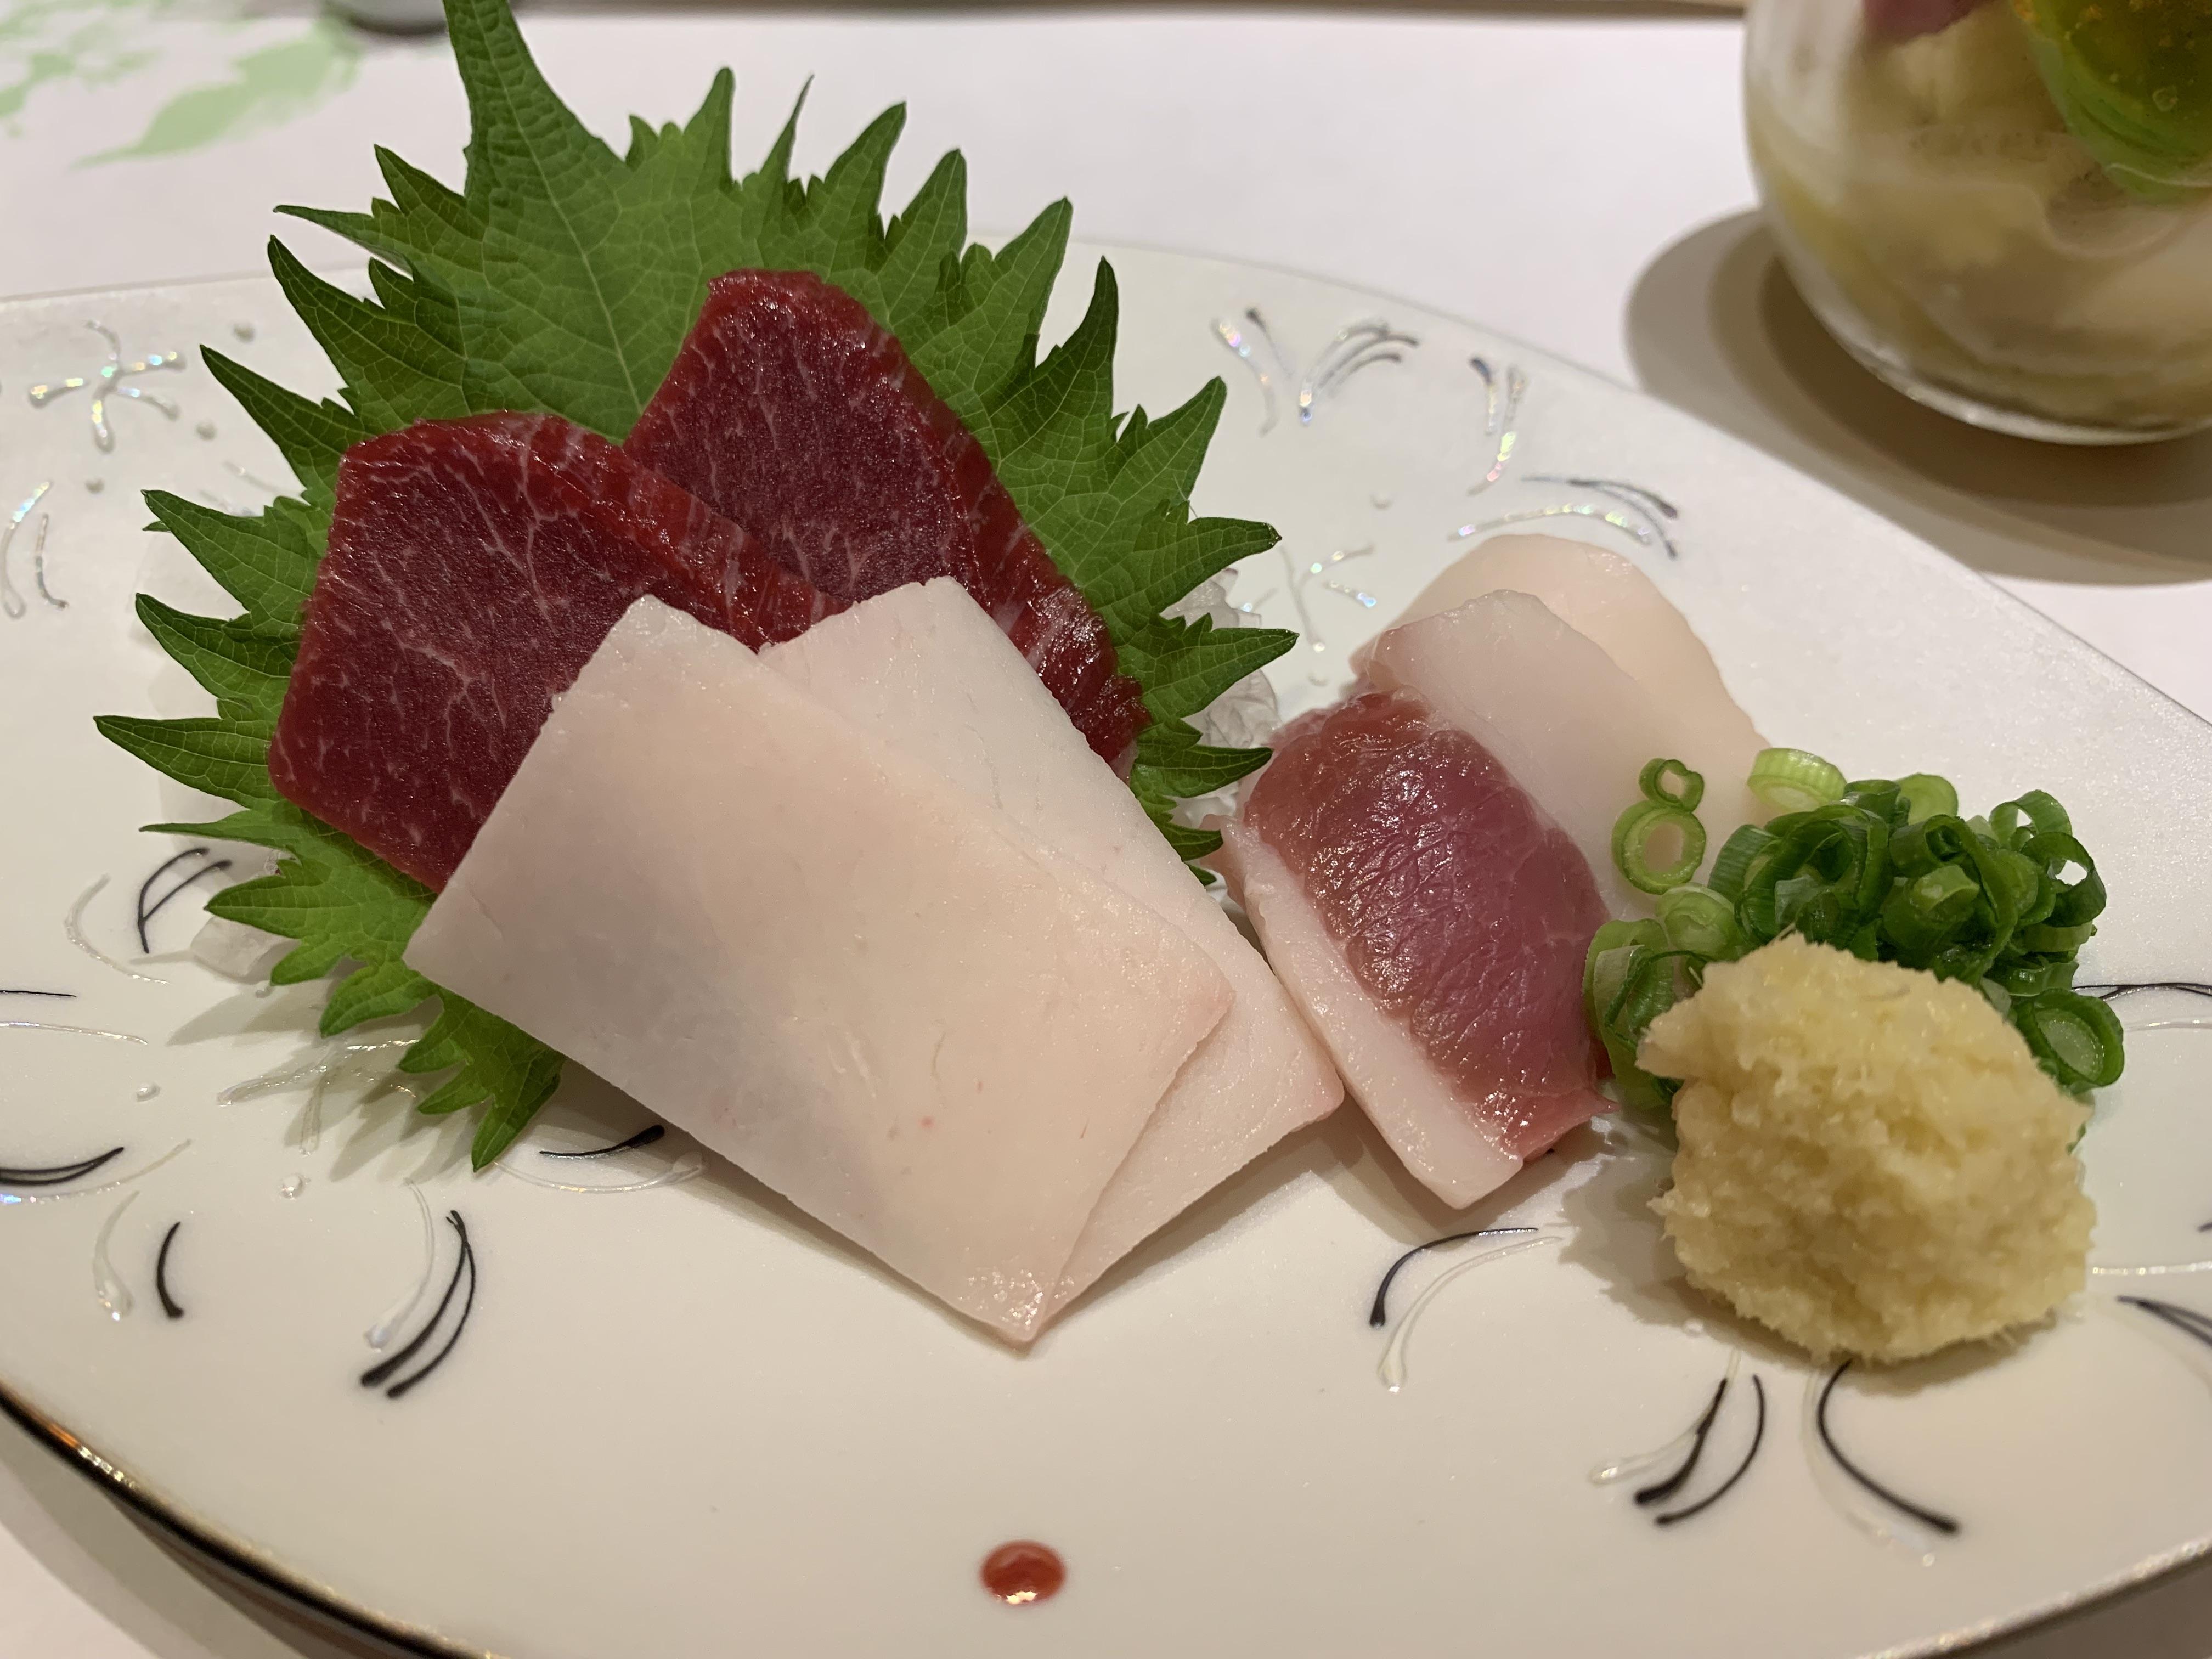 《日本❤️熊本》菅乃屋,到熊本一定要體驗一次的馬肉大餐,馬肉刺身、馬肉石燒好好吃